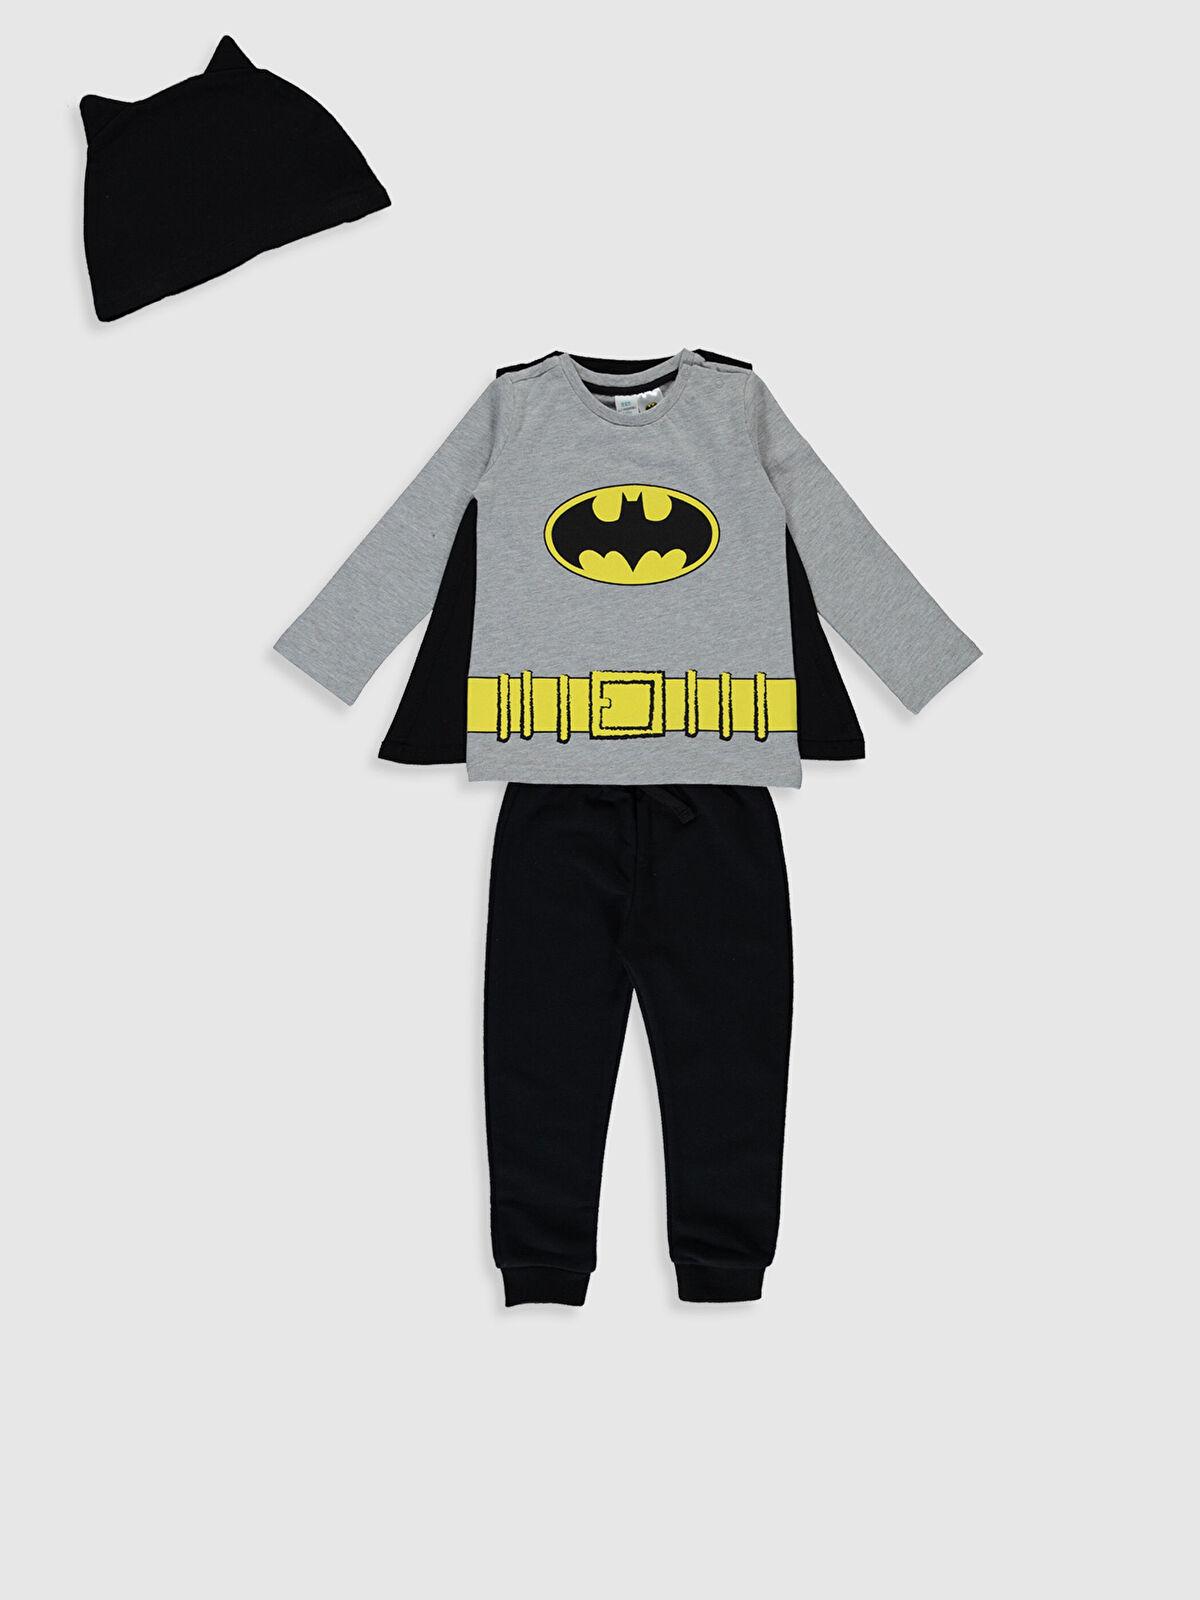 Erkek Bebek Batman Baskılı Takım 4'lü - LC WAIKIKI